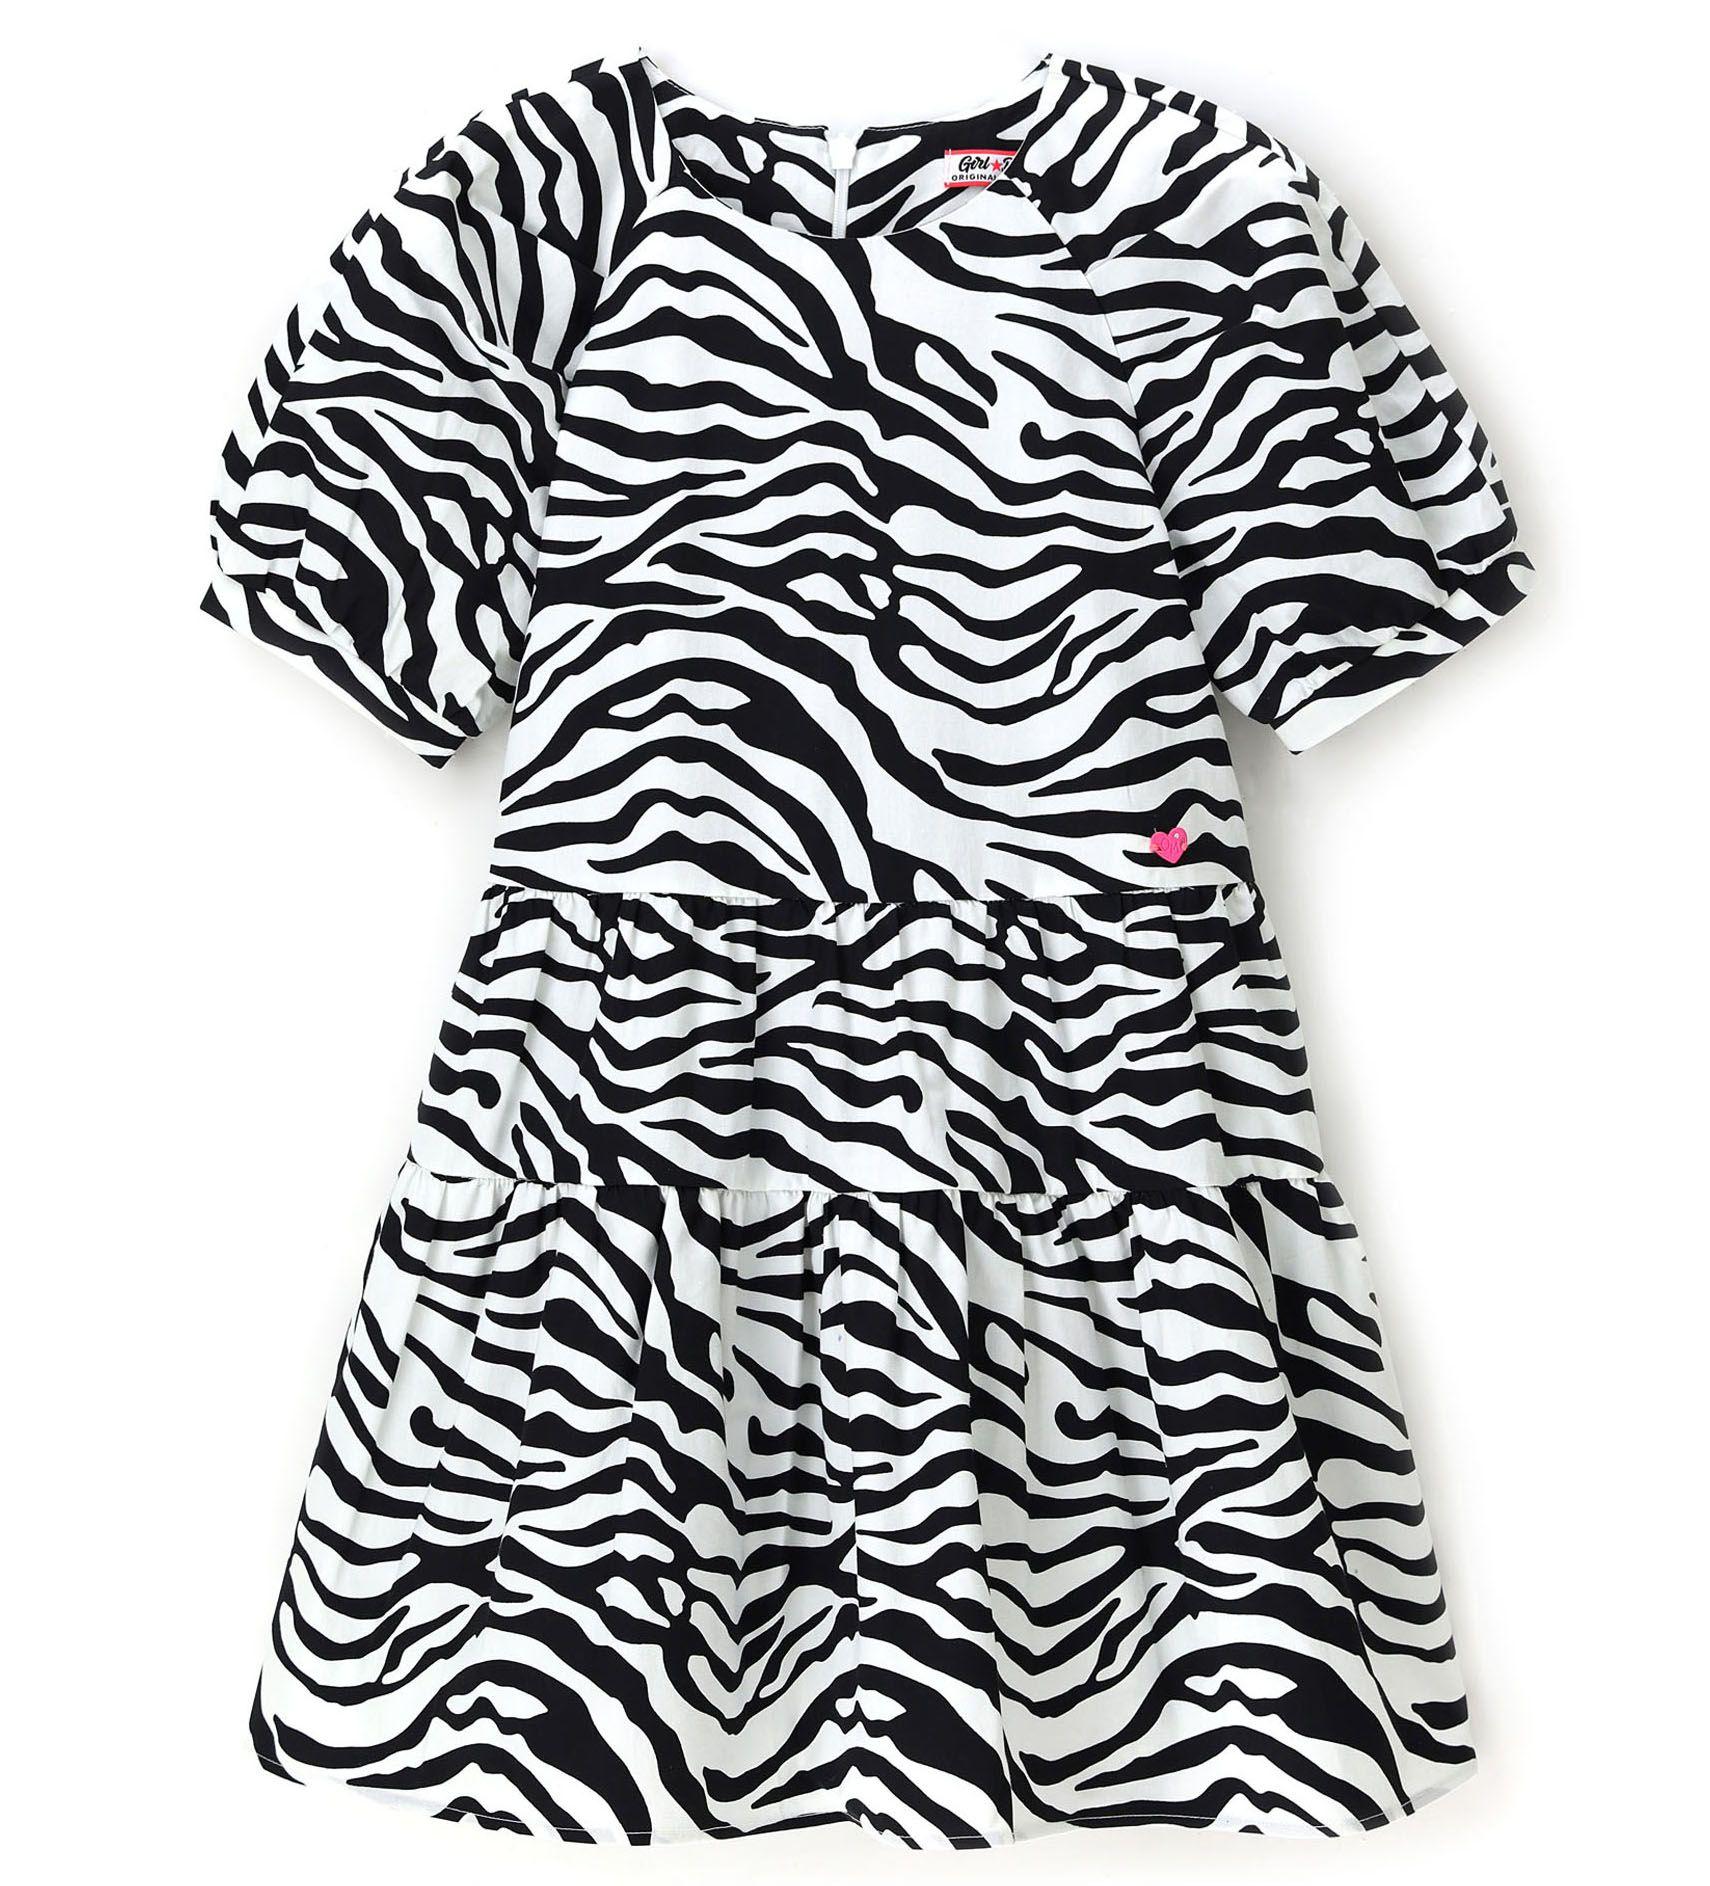 Купить Платье Original Marines, белый, 164, Девочки, весна